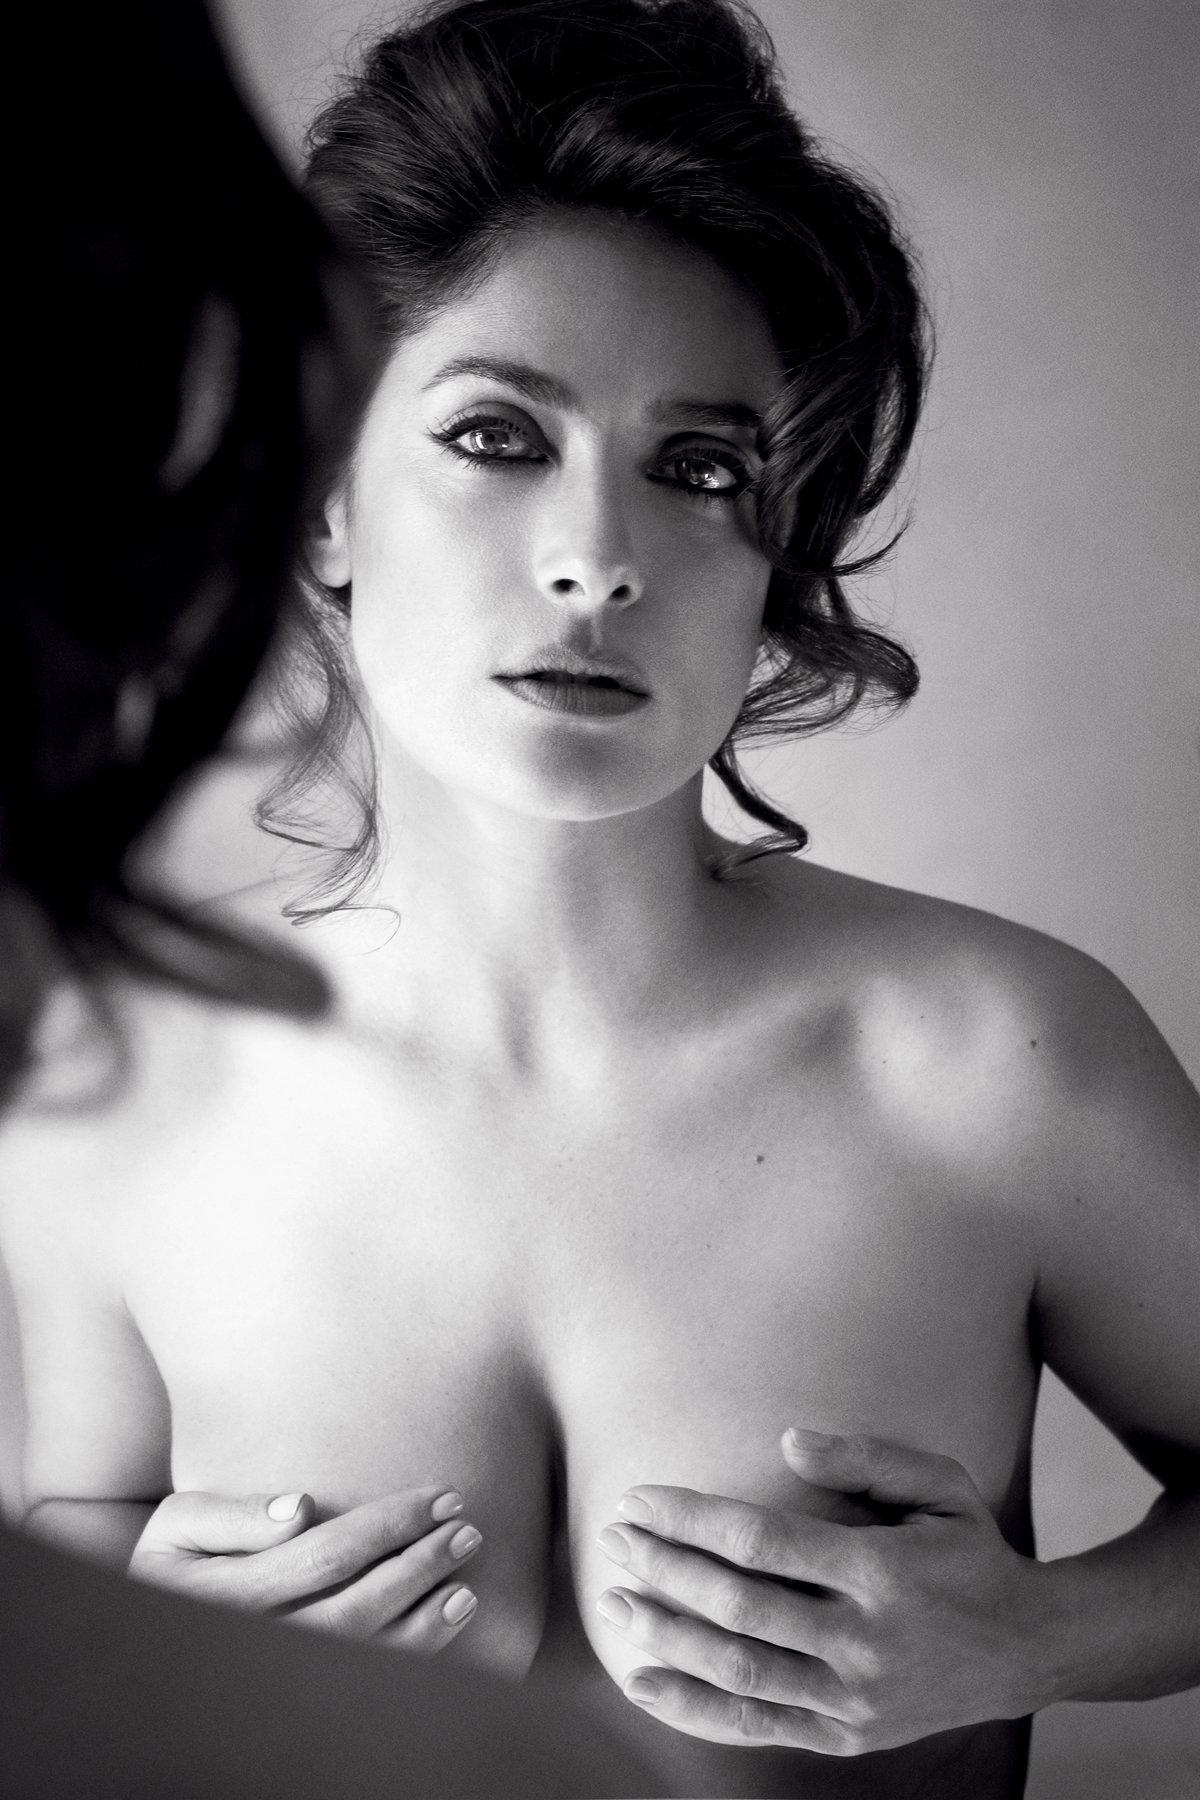 Голи фотки знаменитые актрисы голливуда, средневековье порно смотреть онлайн